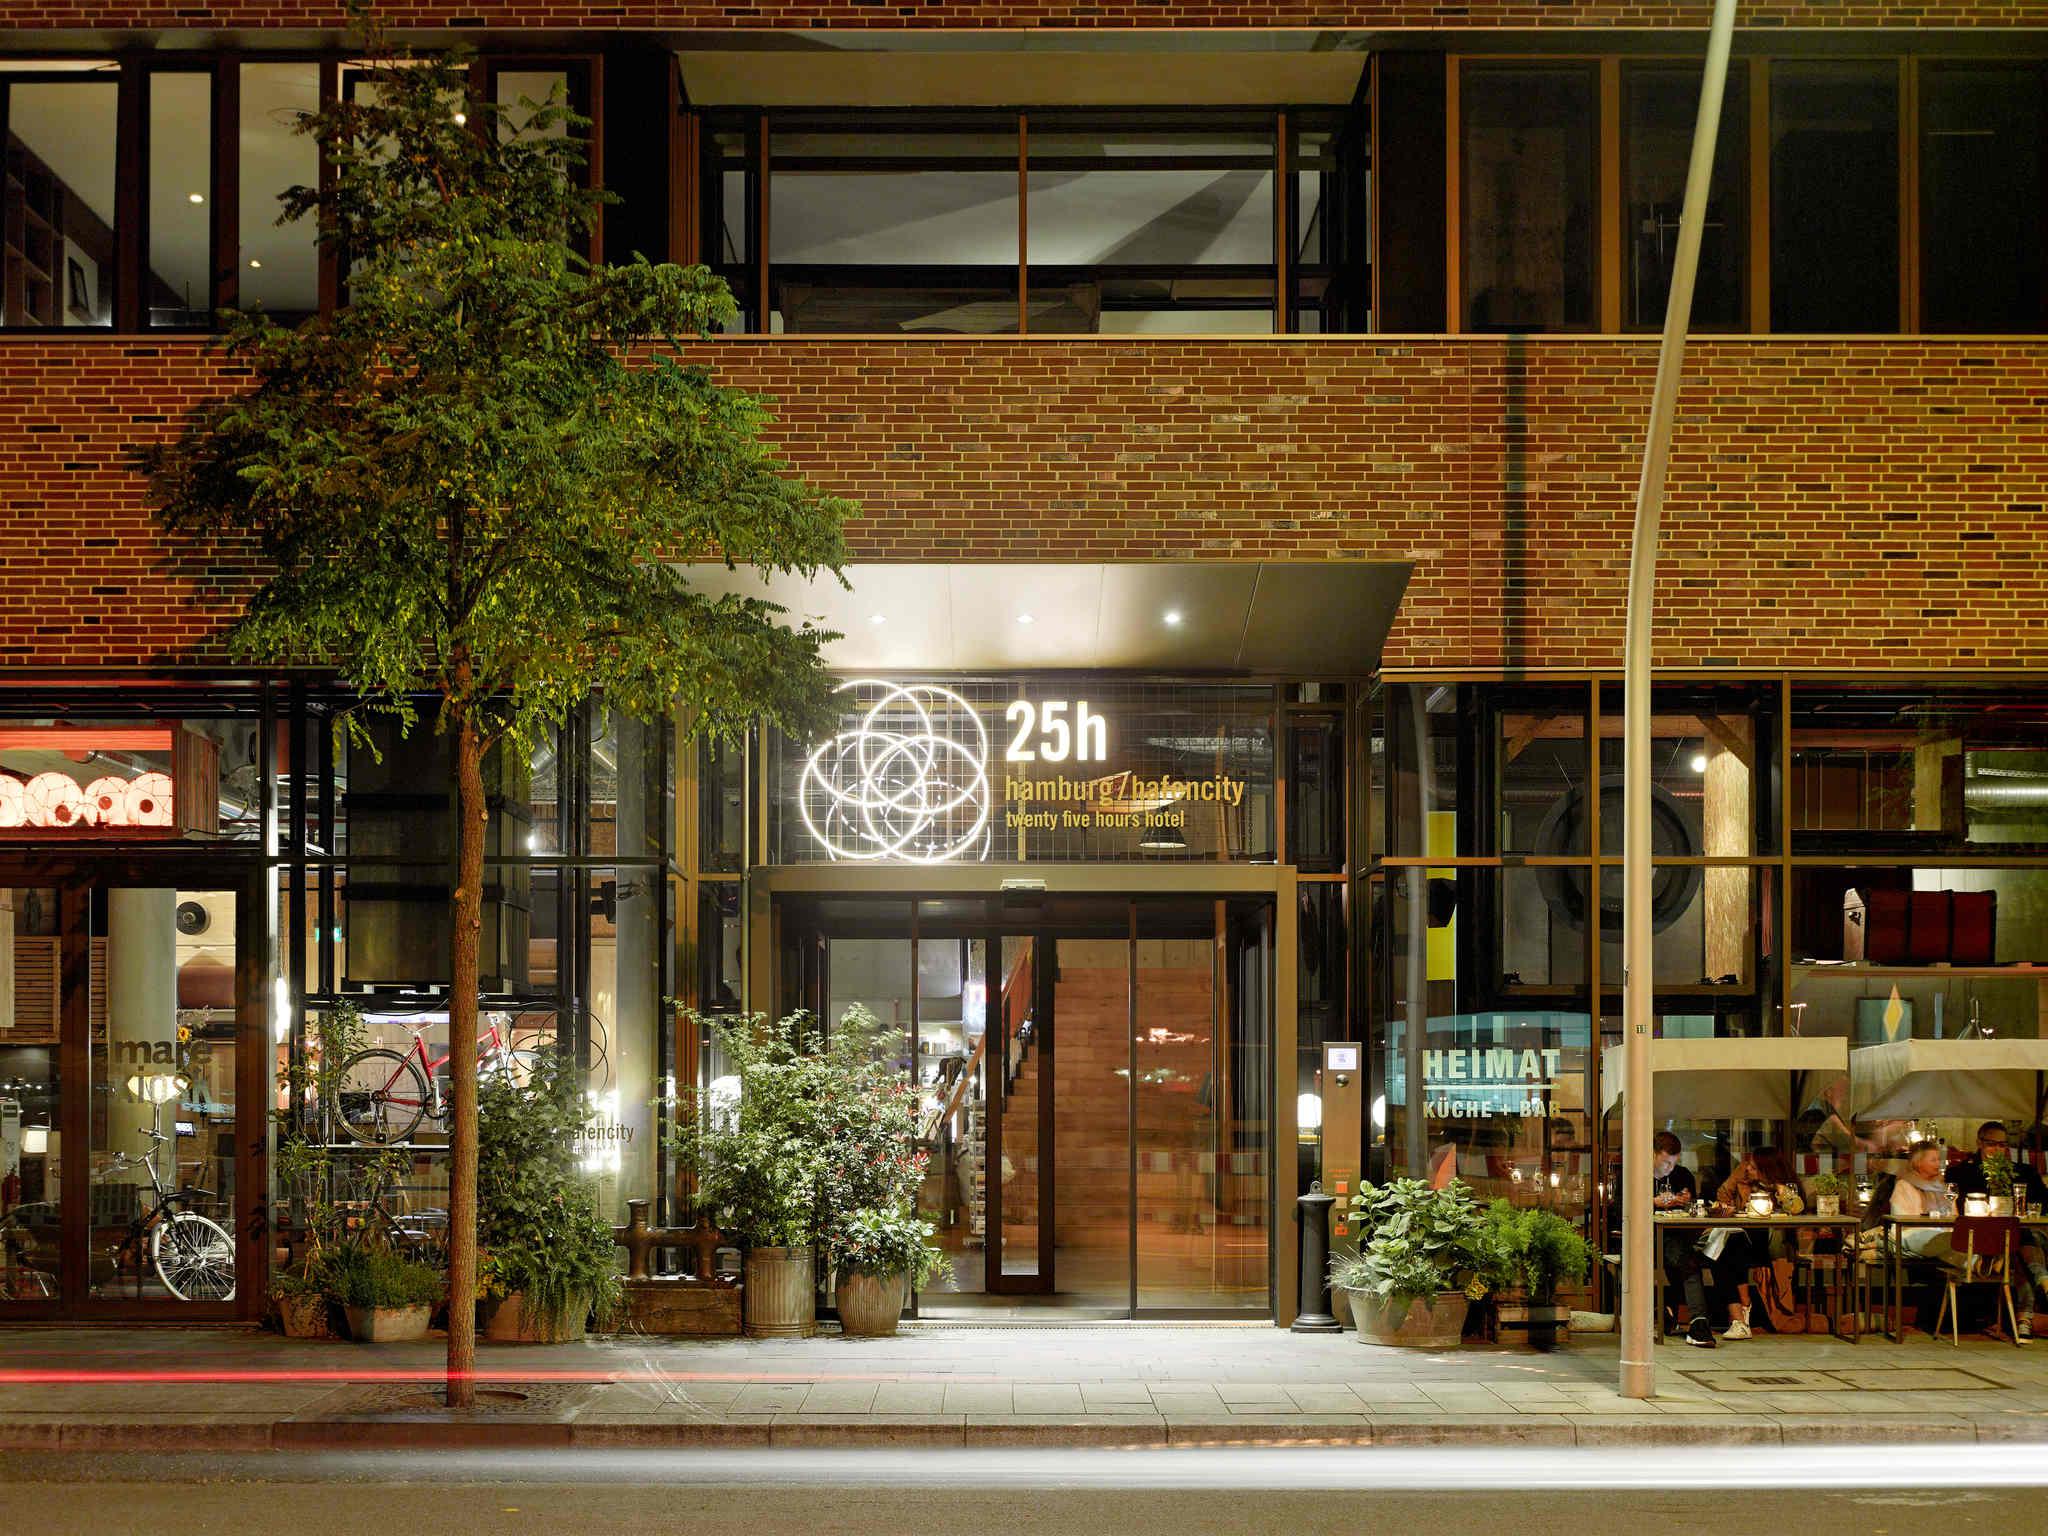 酒店 – 海港新城 25 小时酒店